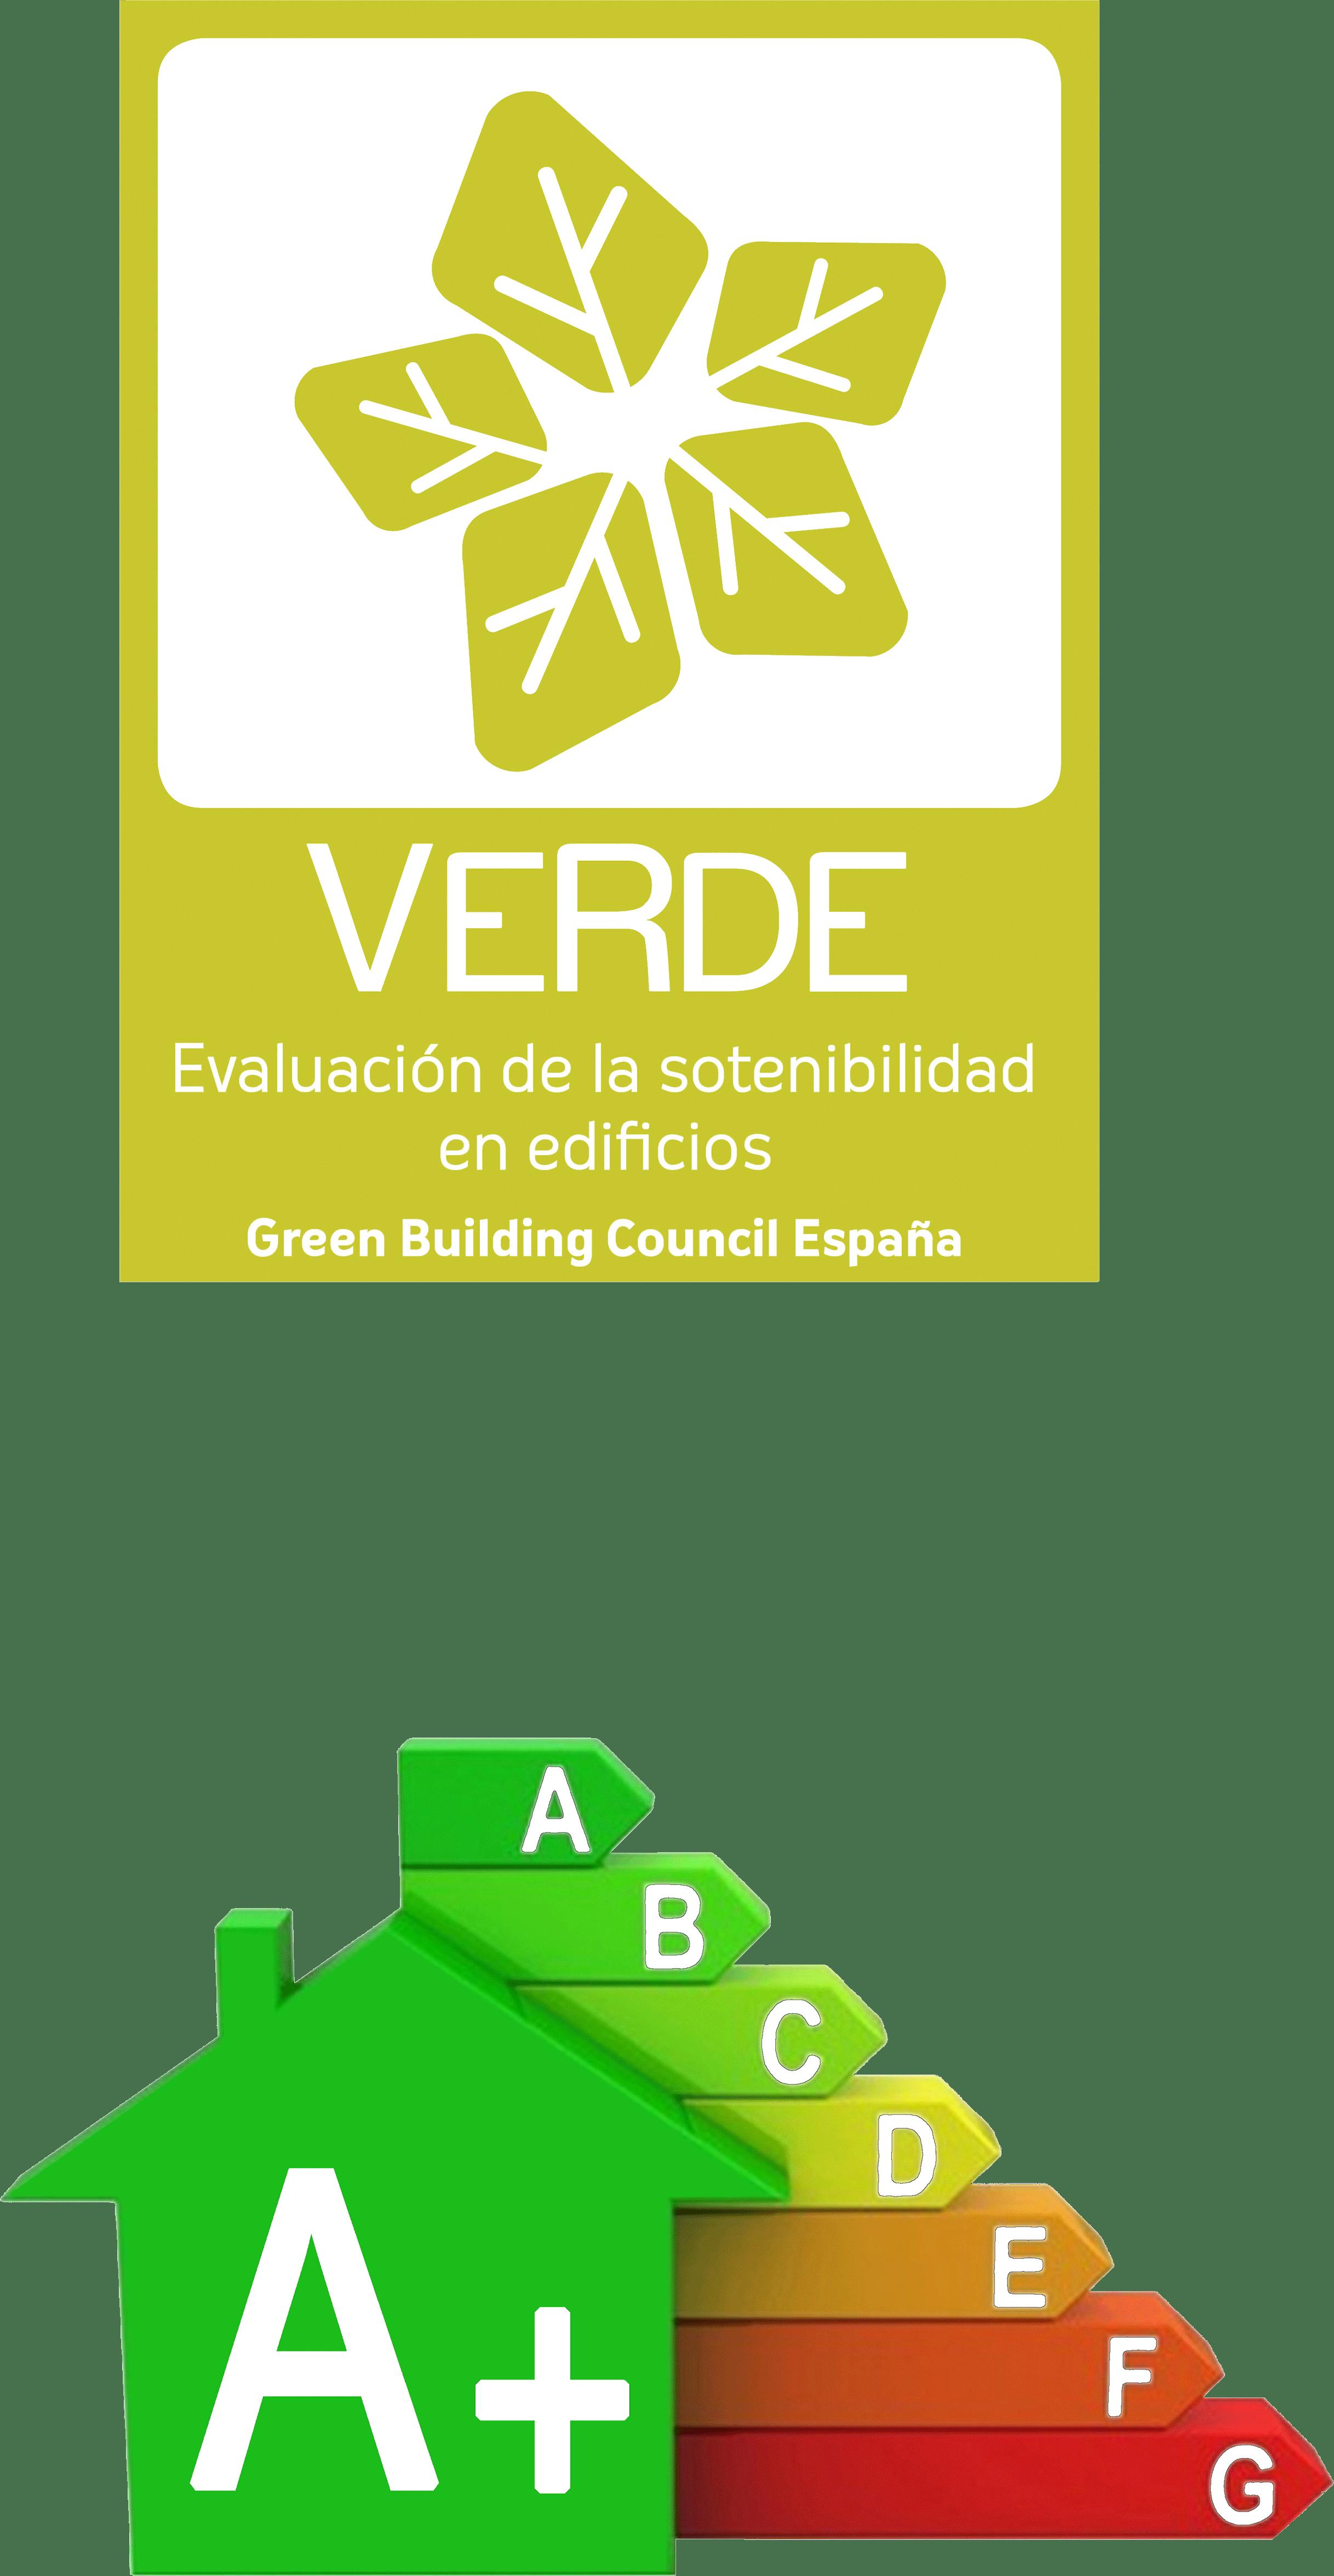 Logo Edificaciones sostenibles